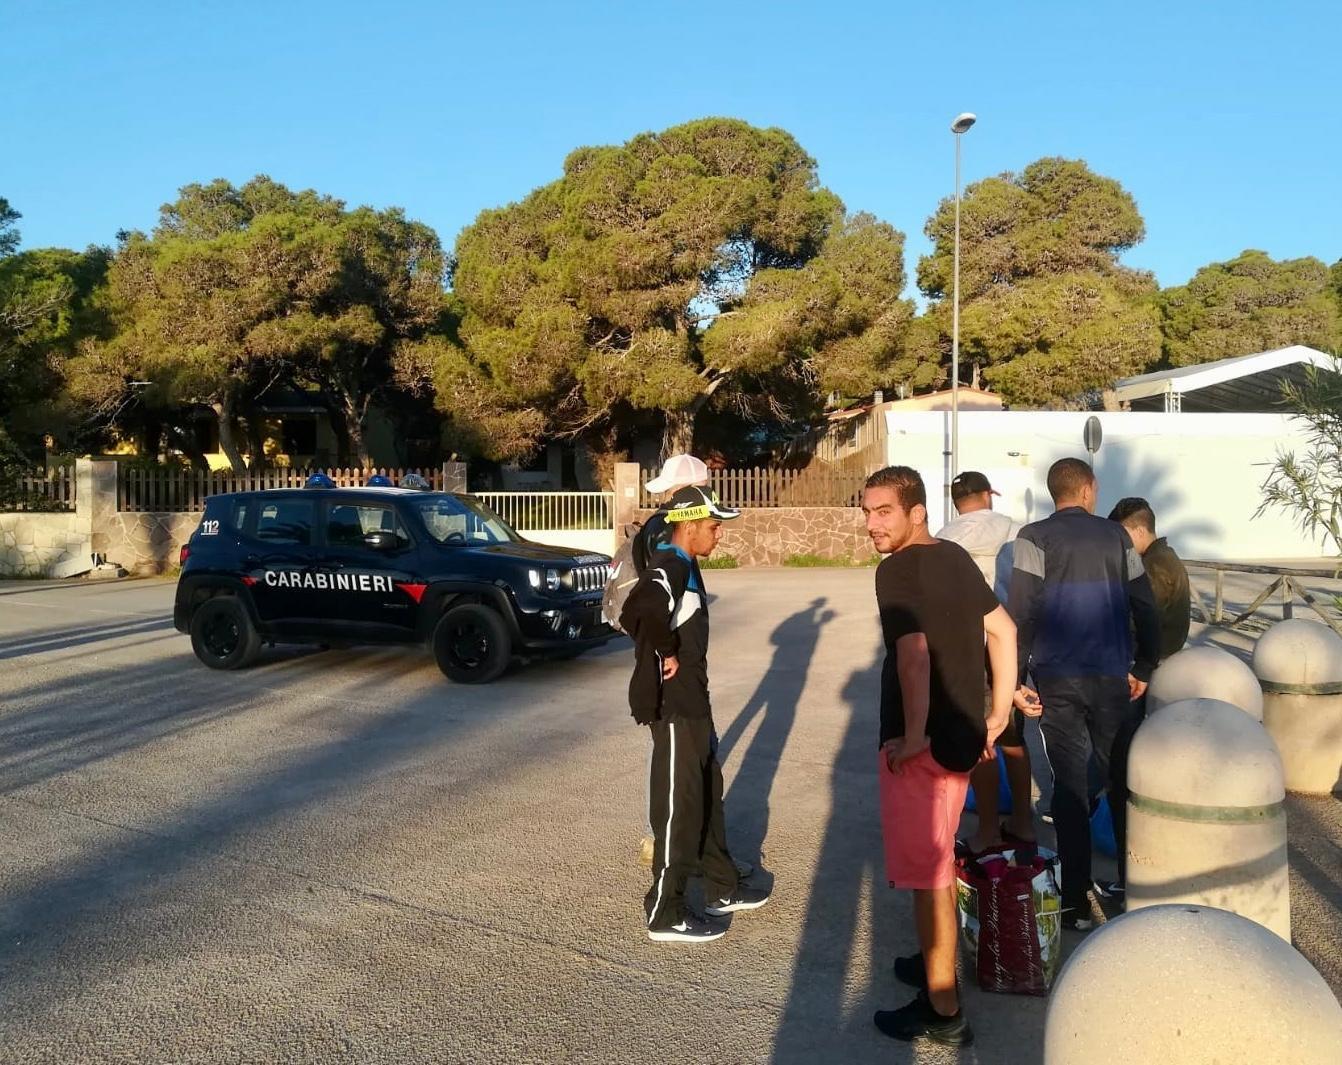 15 migranti algerini sono stati intercettati la notte scorsa dalla Capitaneria di porto di Sant'Antioco al largo di Cala Piombo e sono stati fatti sbarcare al porto di Sant'Antioco.